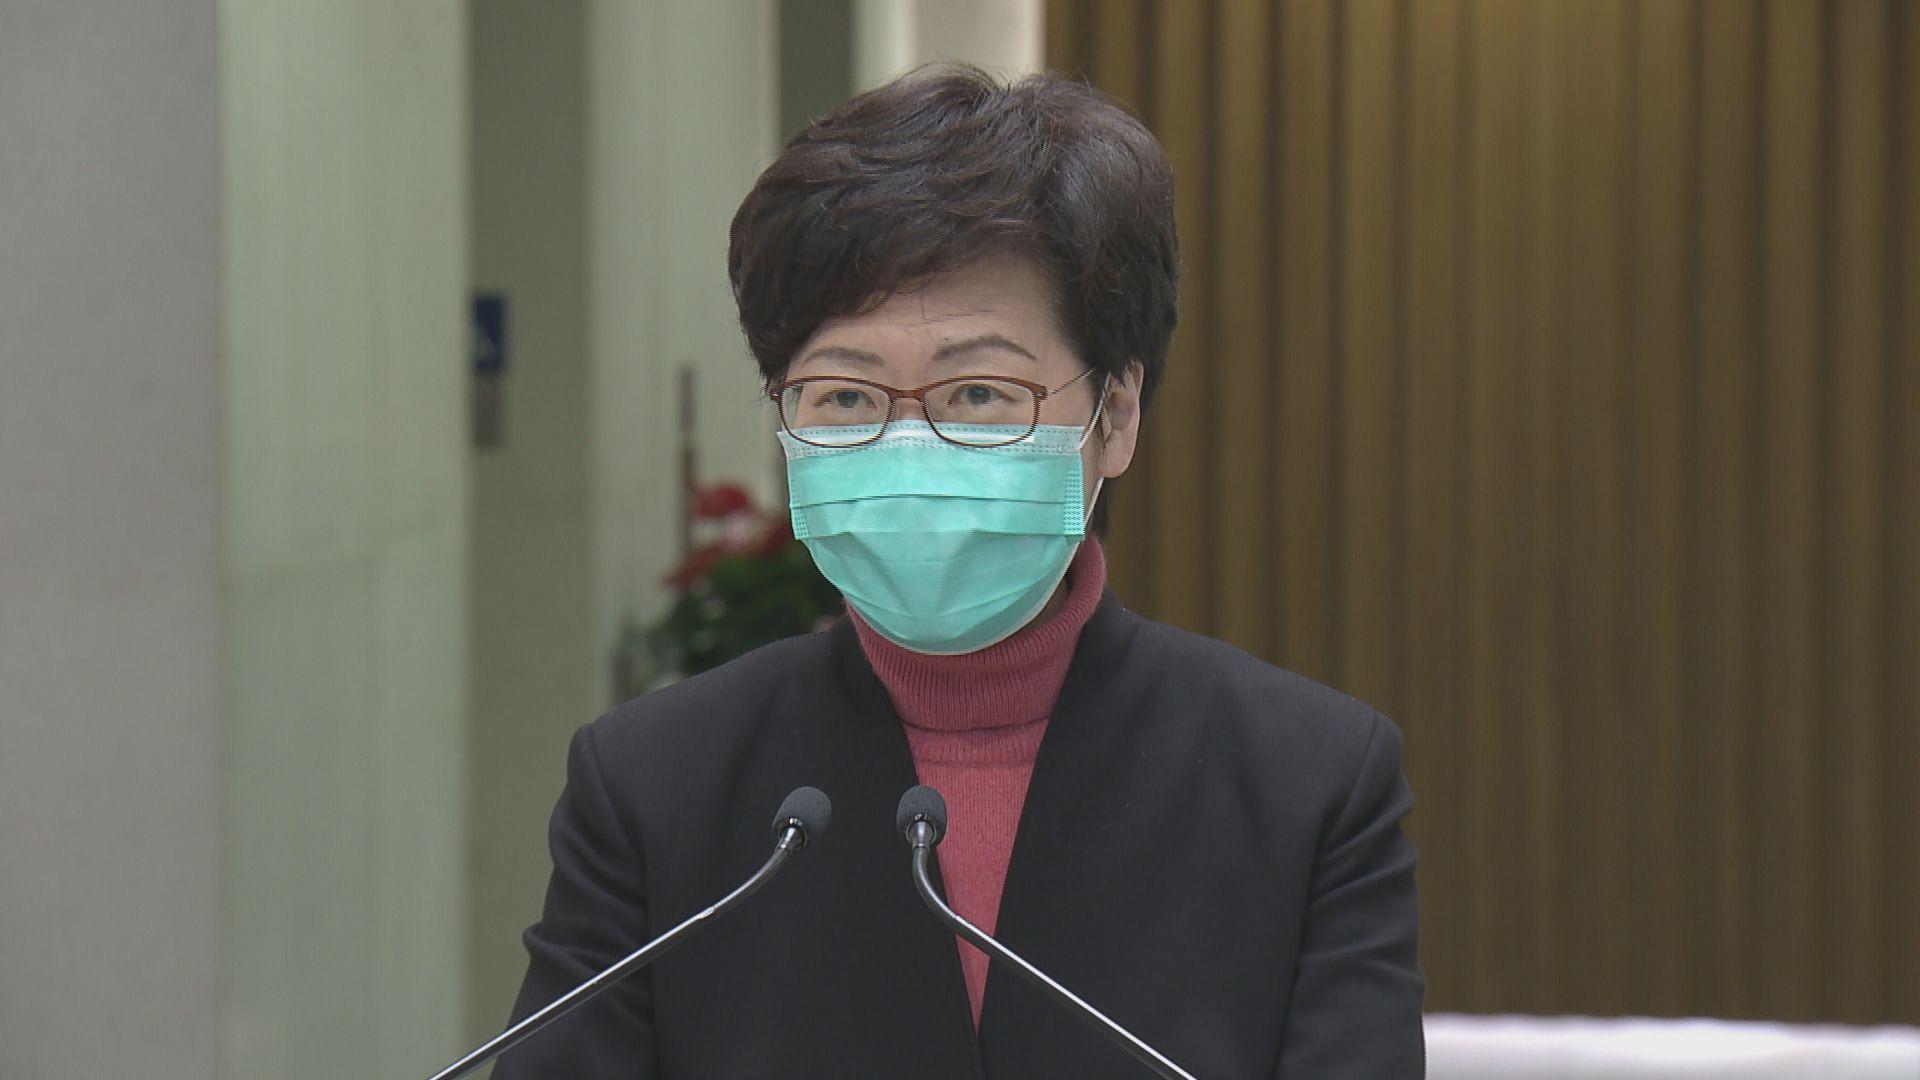 【最新】張舉能獲委任終院首席法官 林鄭:有信心任命獲立會支持